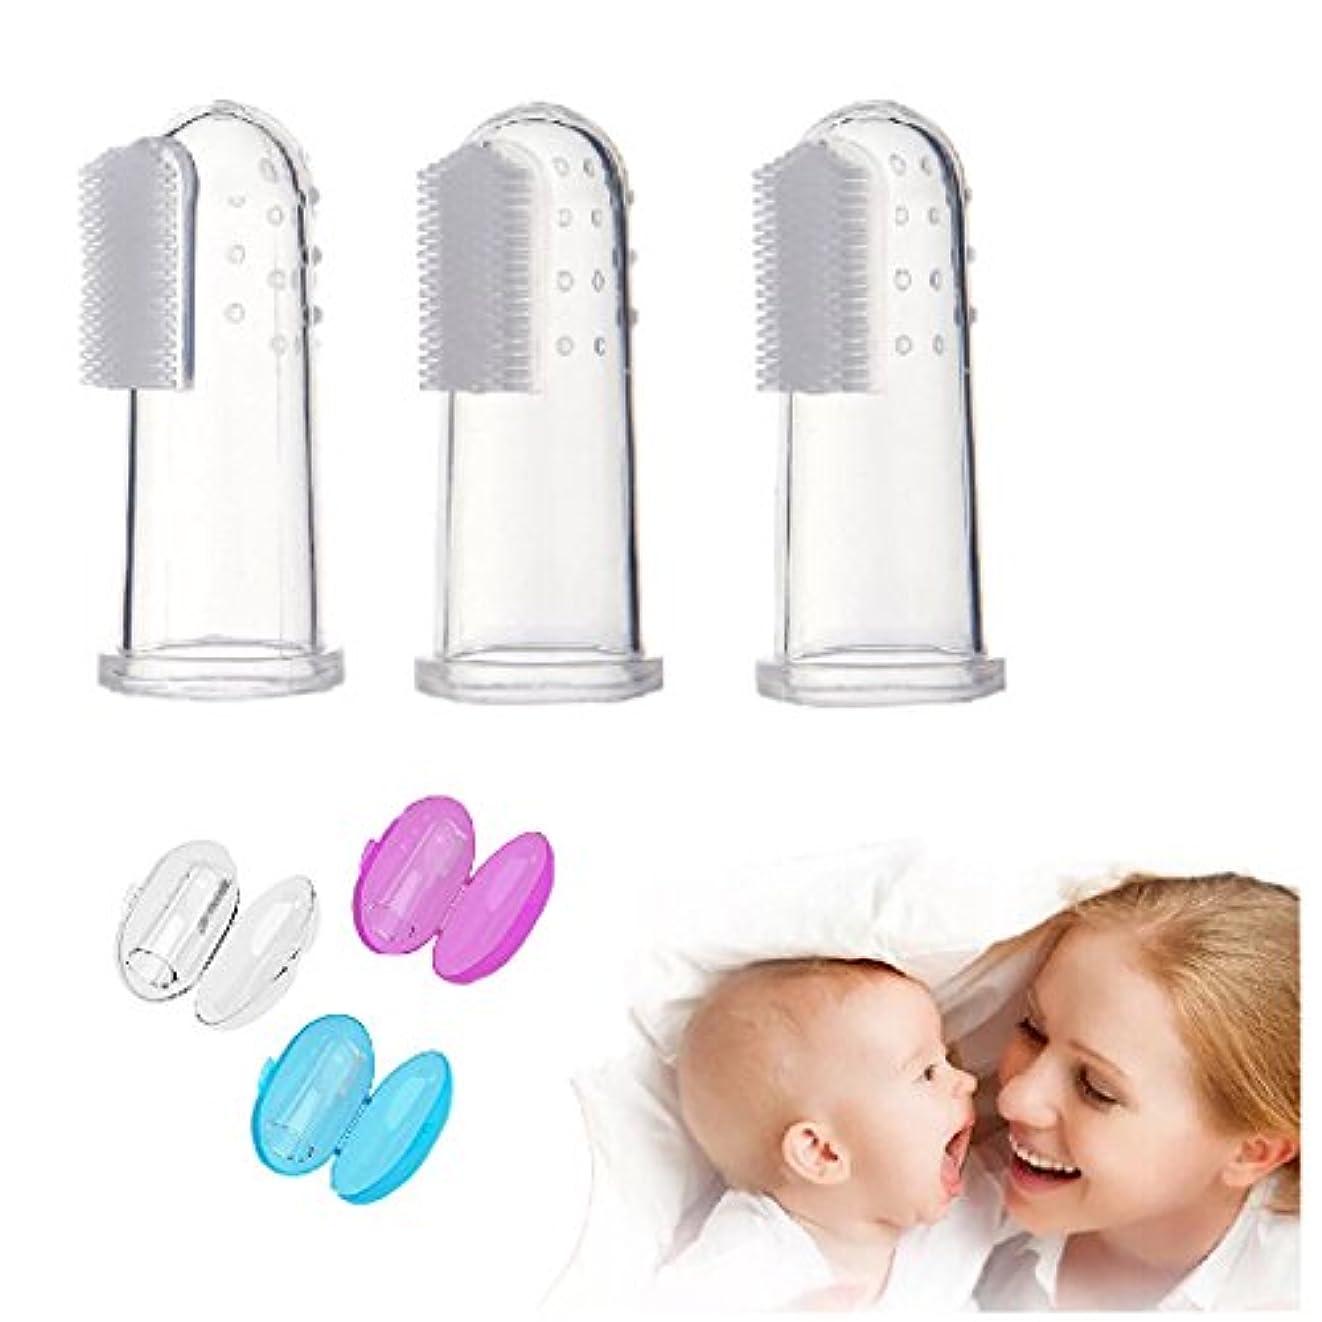 好意的補償彼赤ちゃんの指の歯ブラシ3セット食品グレードシリコーン指歯ブラシケース付き歯ブラシティーザーとオーラルマッサージャー用赤ちゃん&幼児